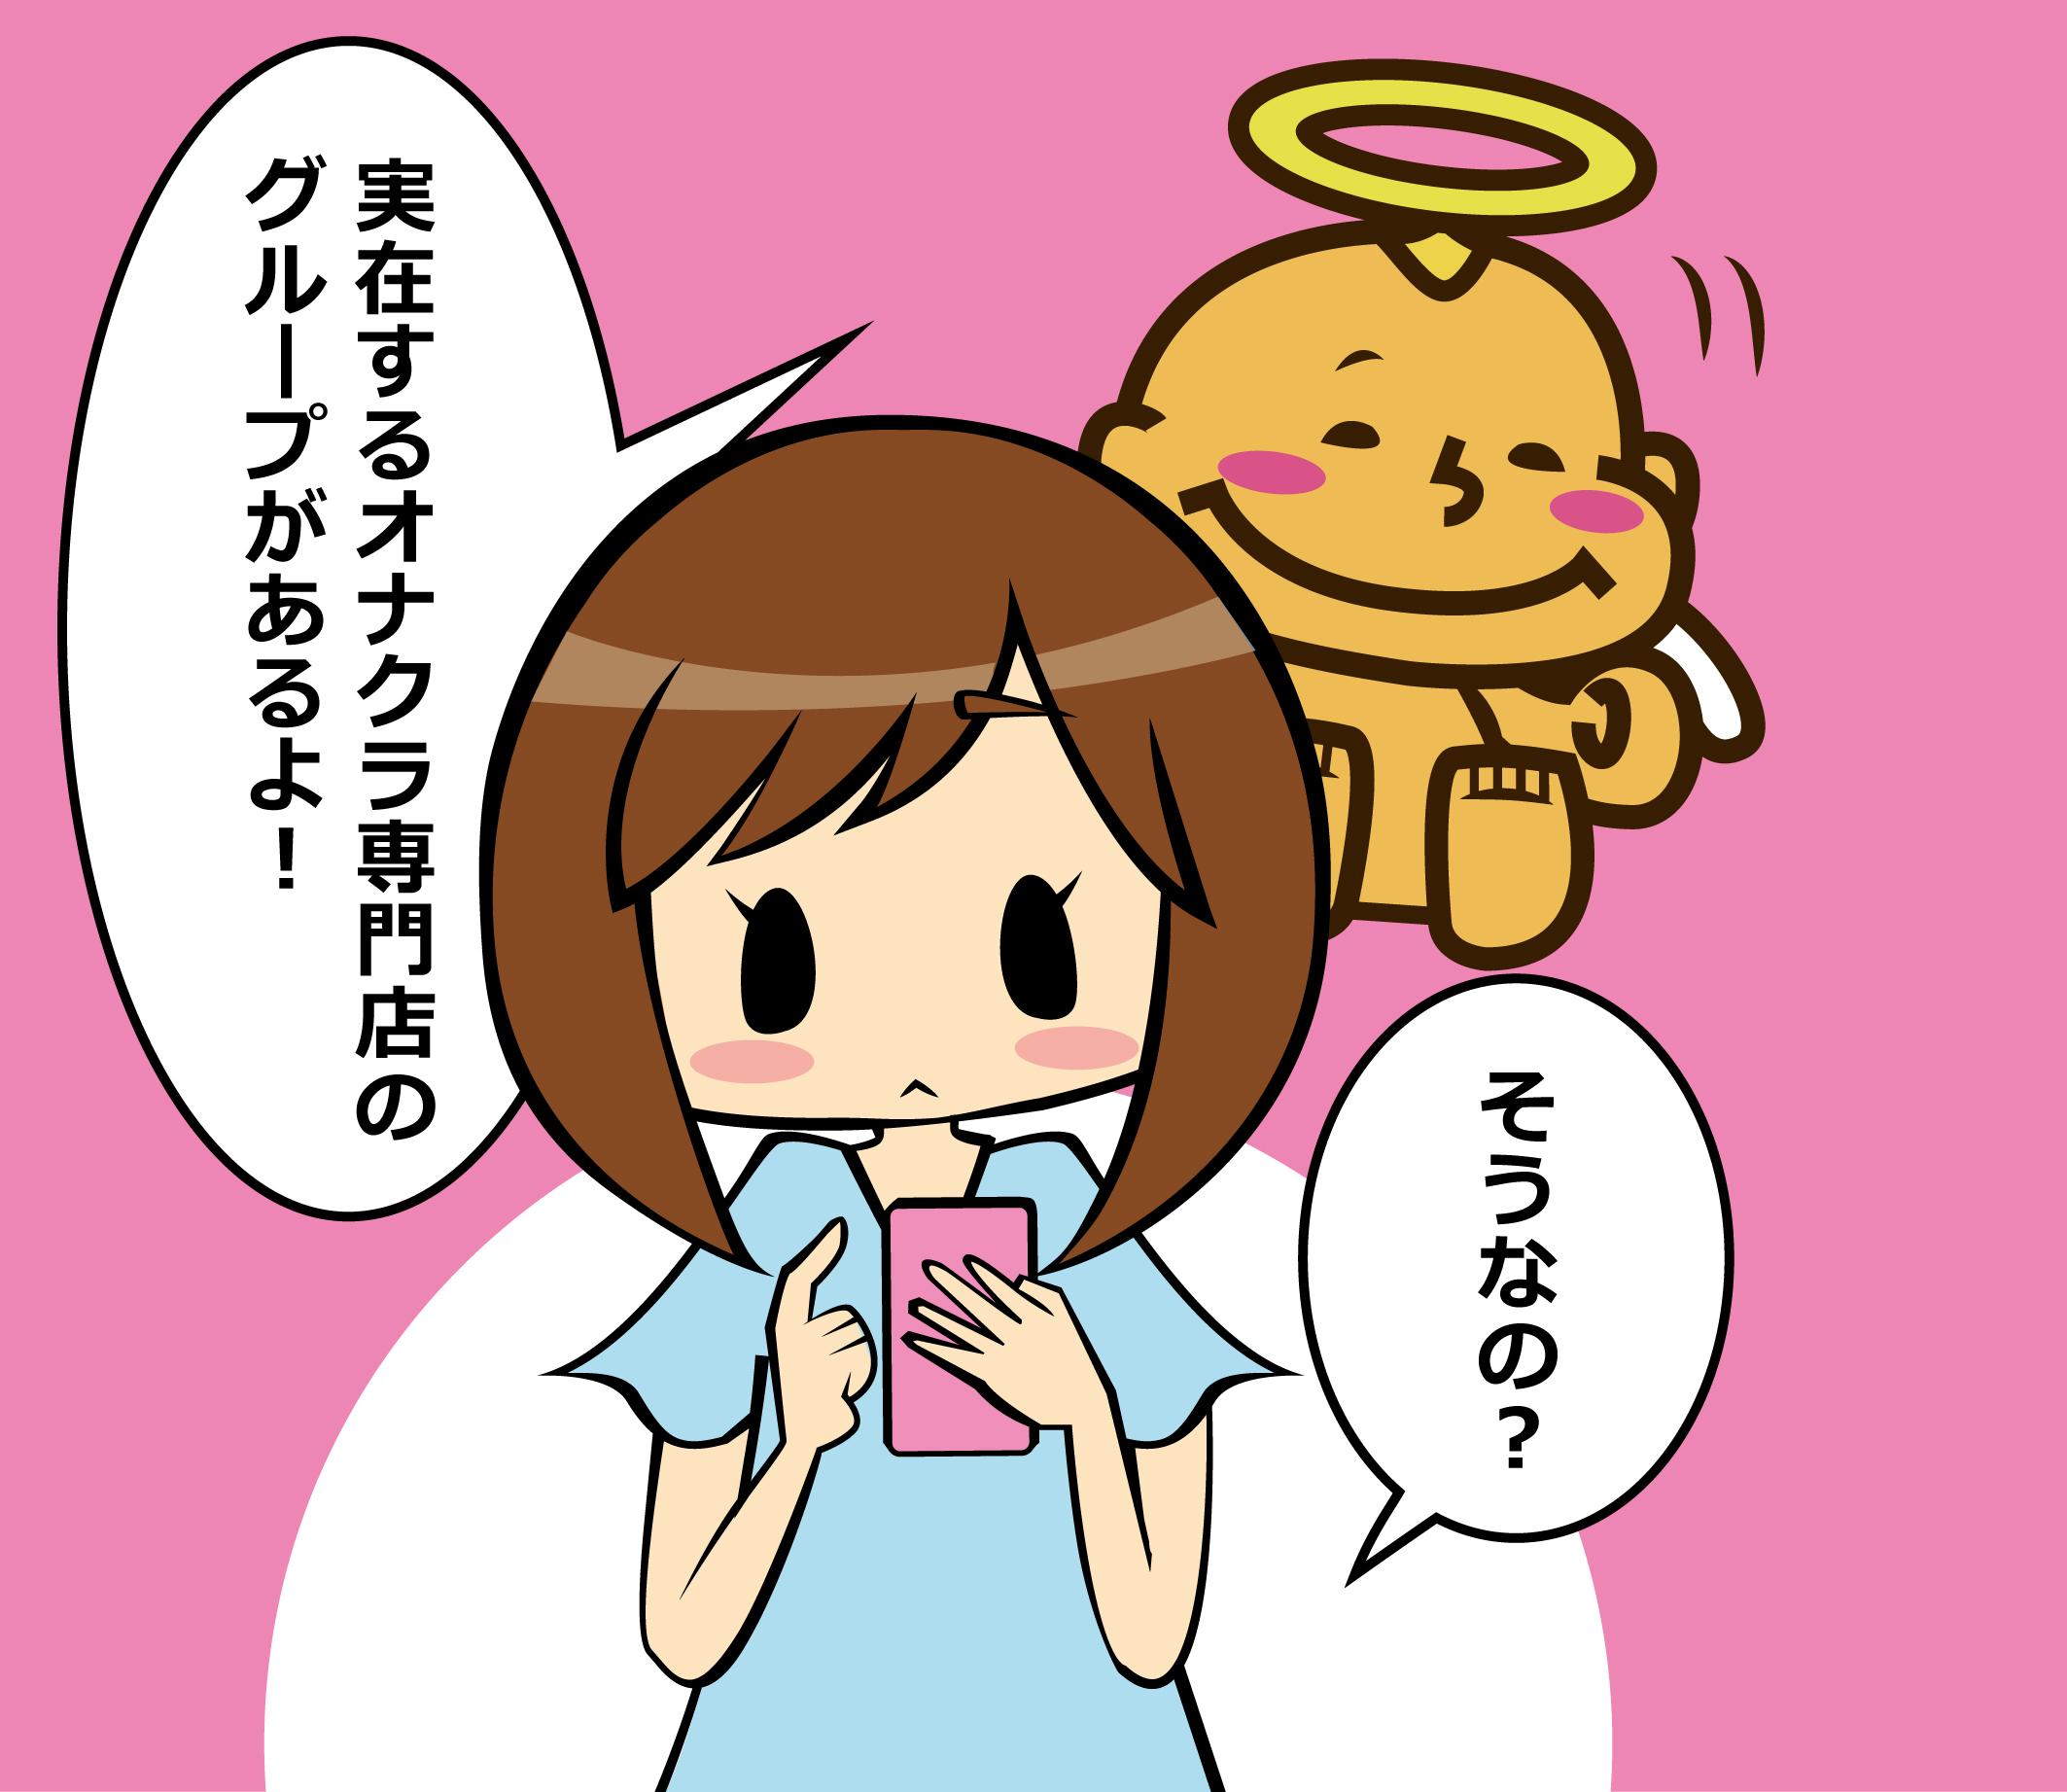 テコちゃん求人漫画4